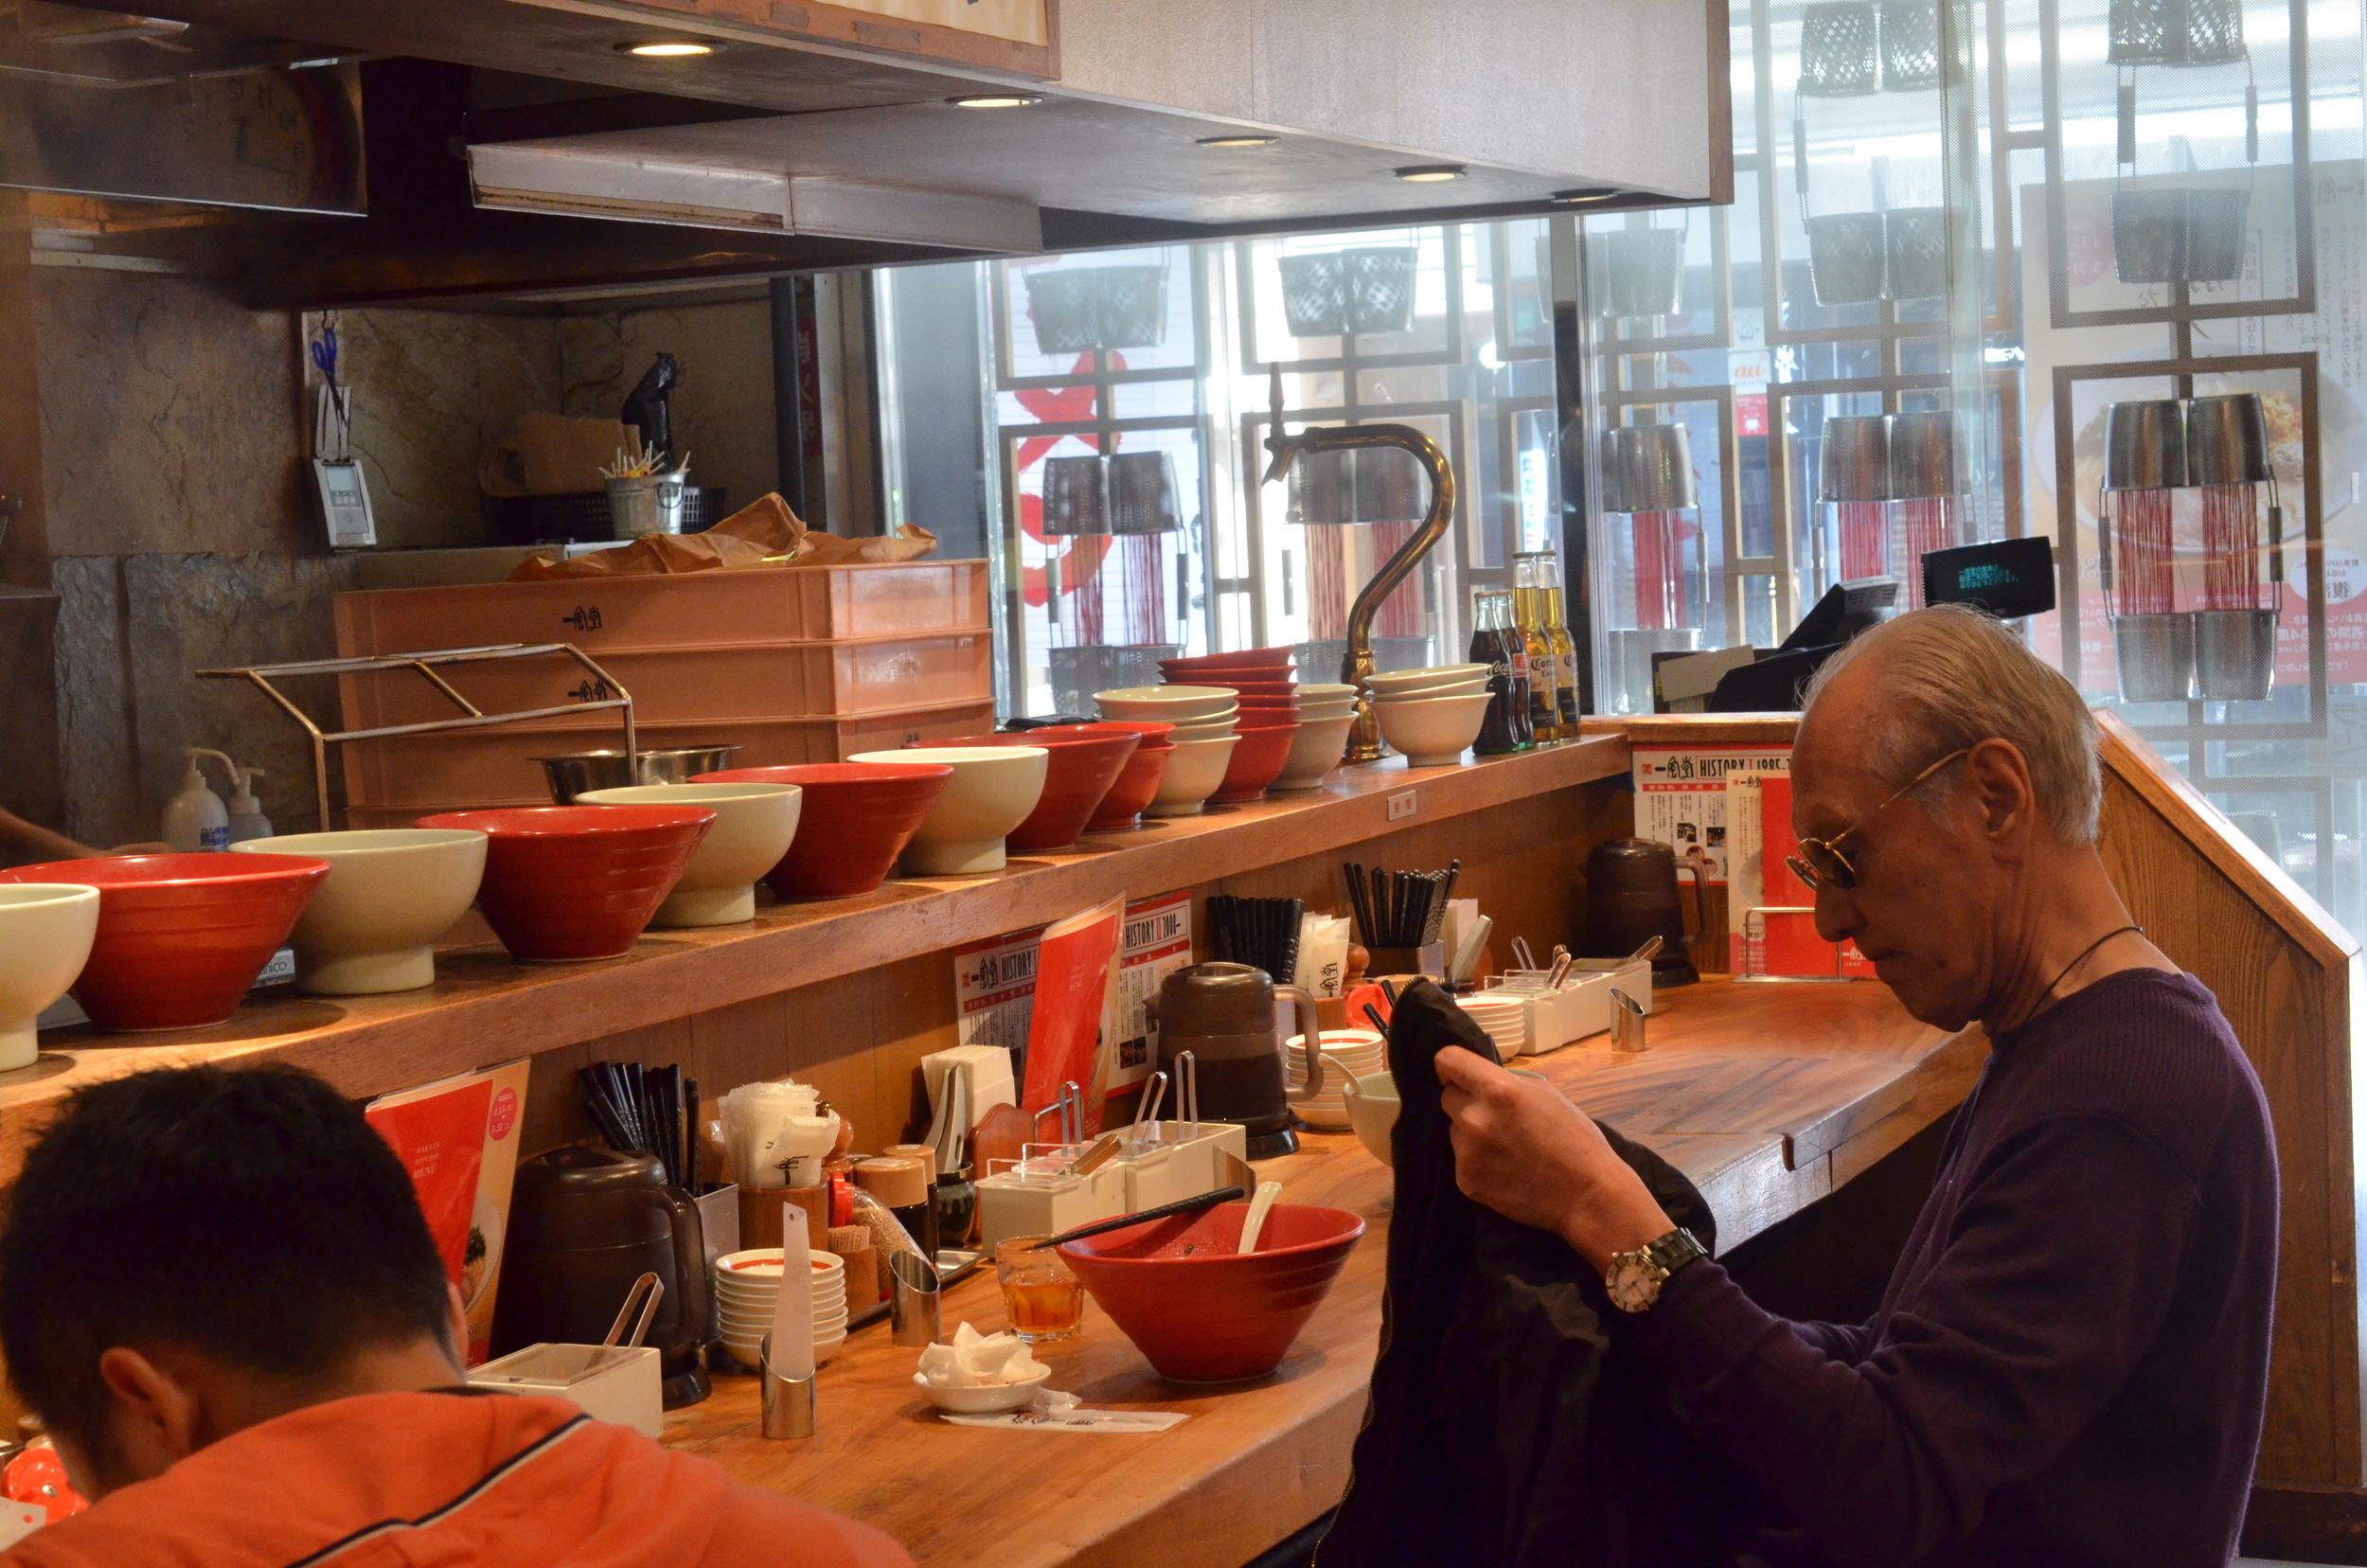 Ramen bar (Tokyo, Japan)